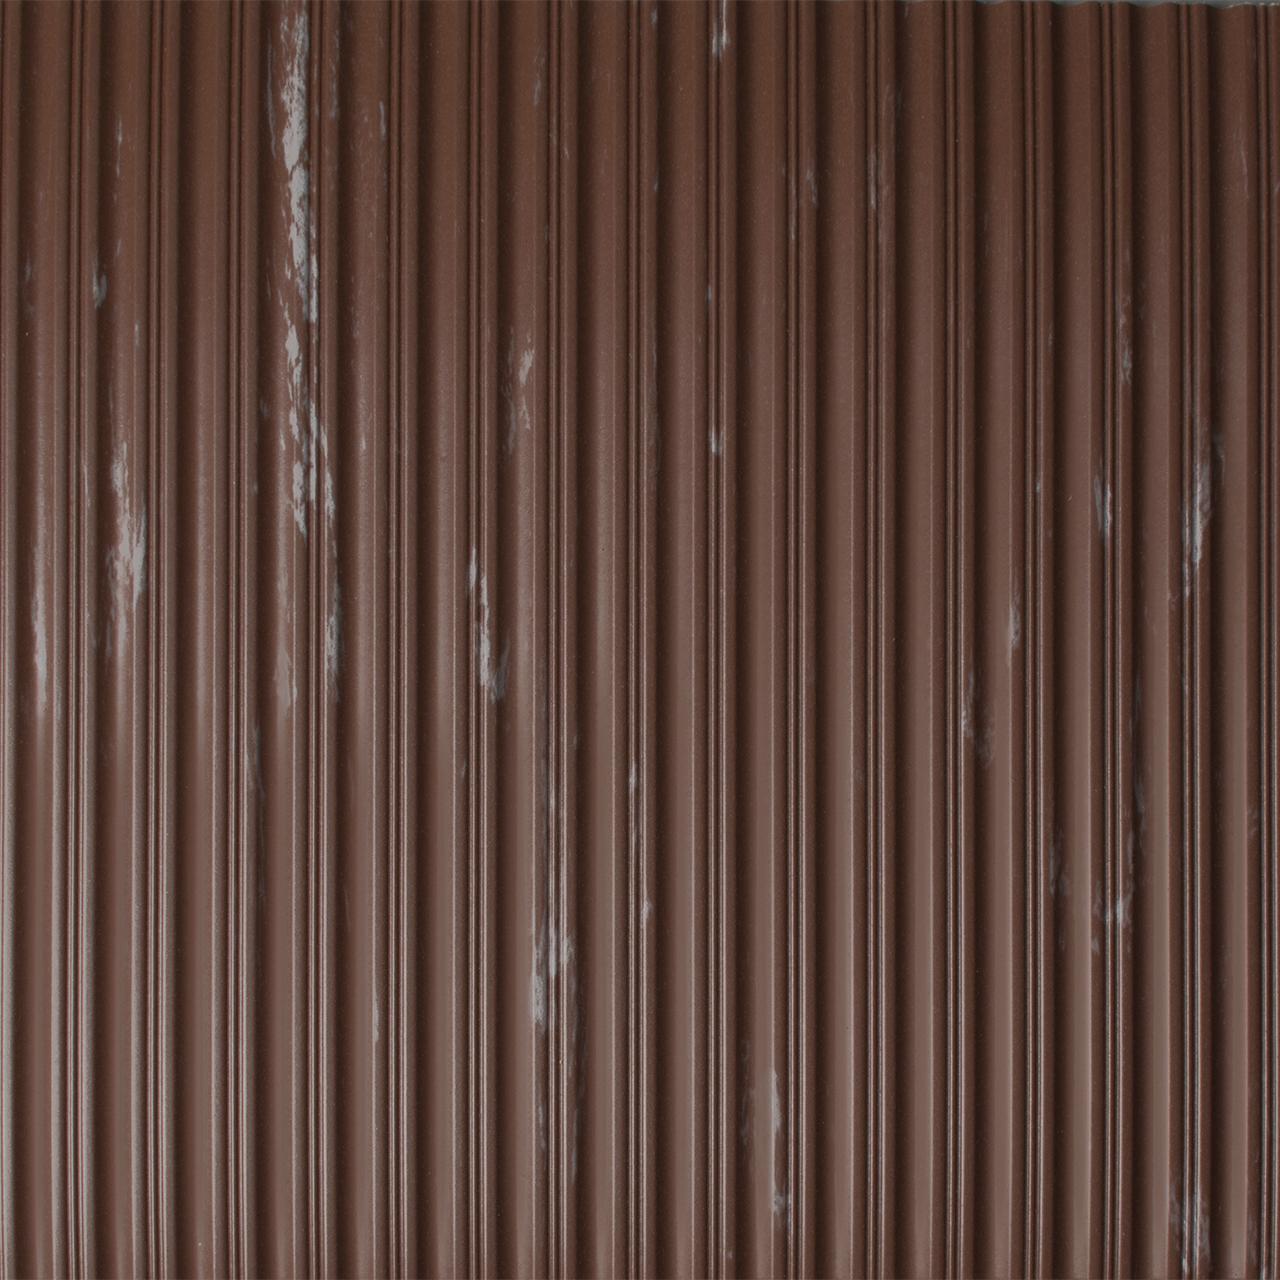 Drainage Matting | Ribbed Mat | Flat Rib Mahogany